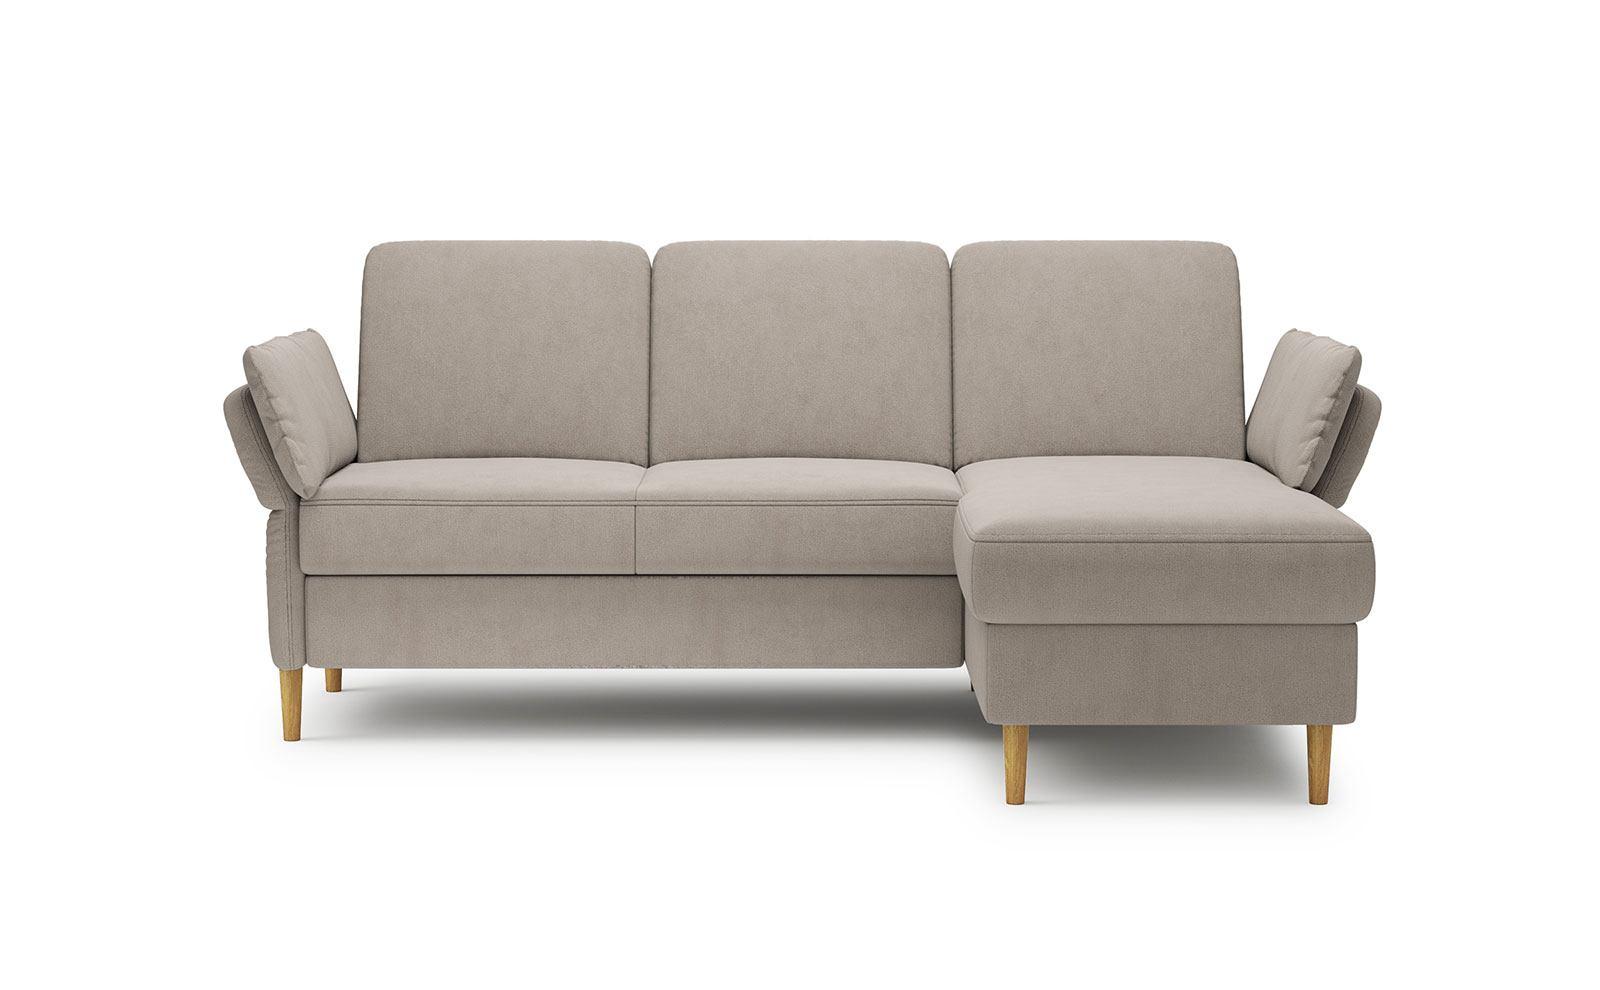 Sori Small Corner Sofa - soft touch beige